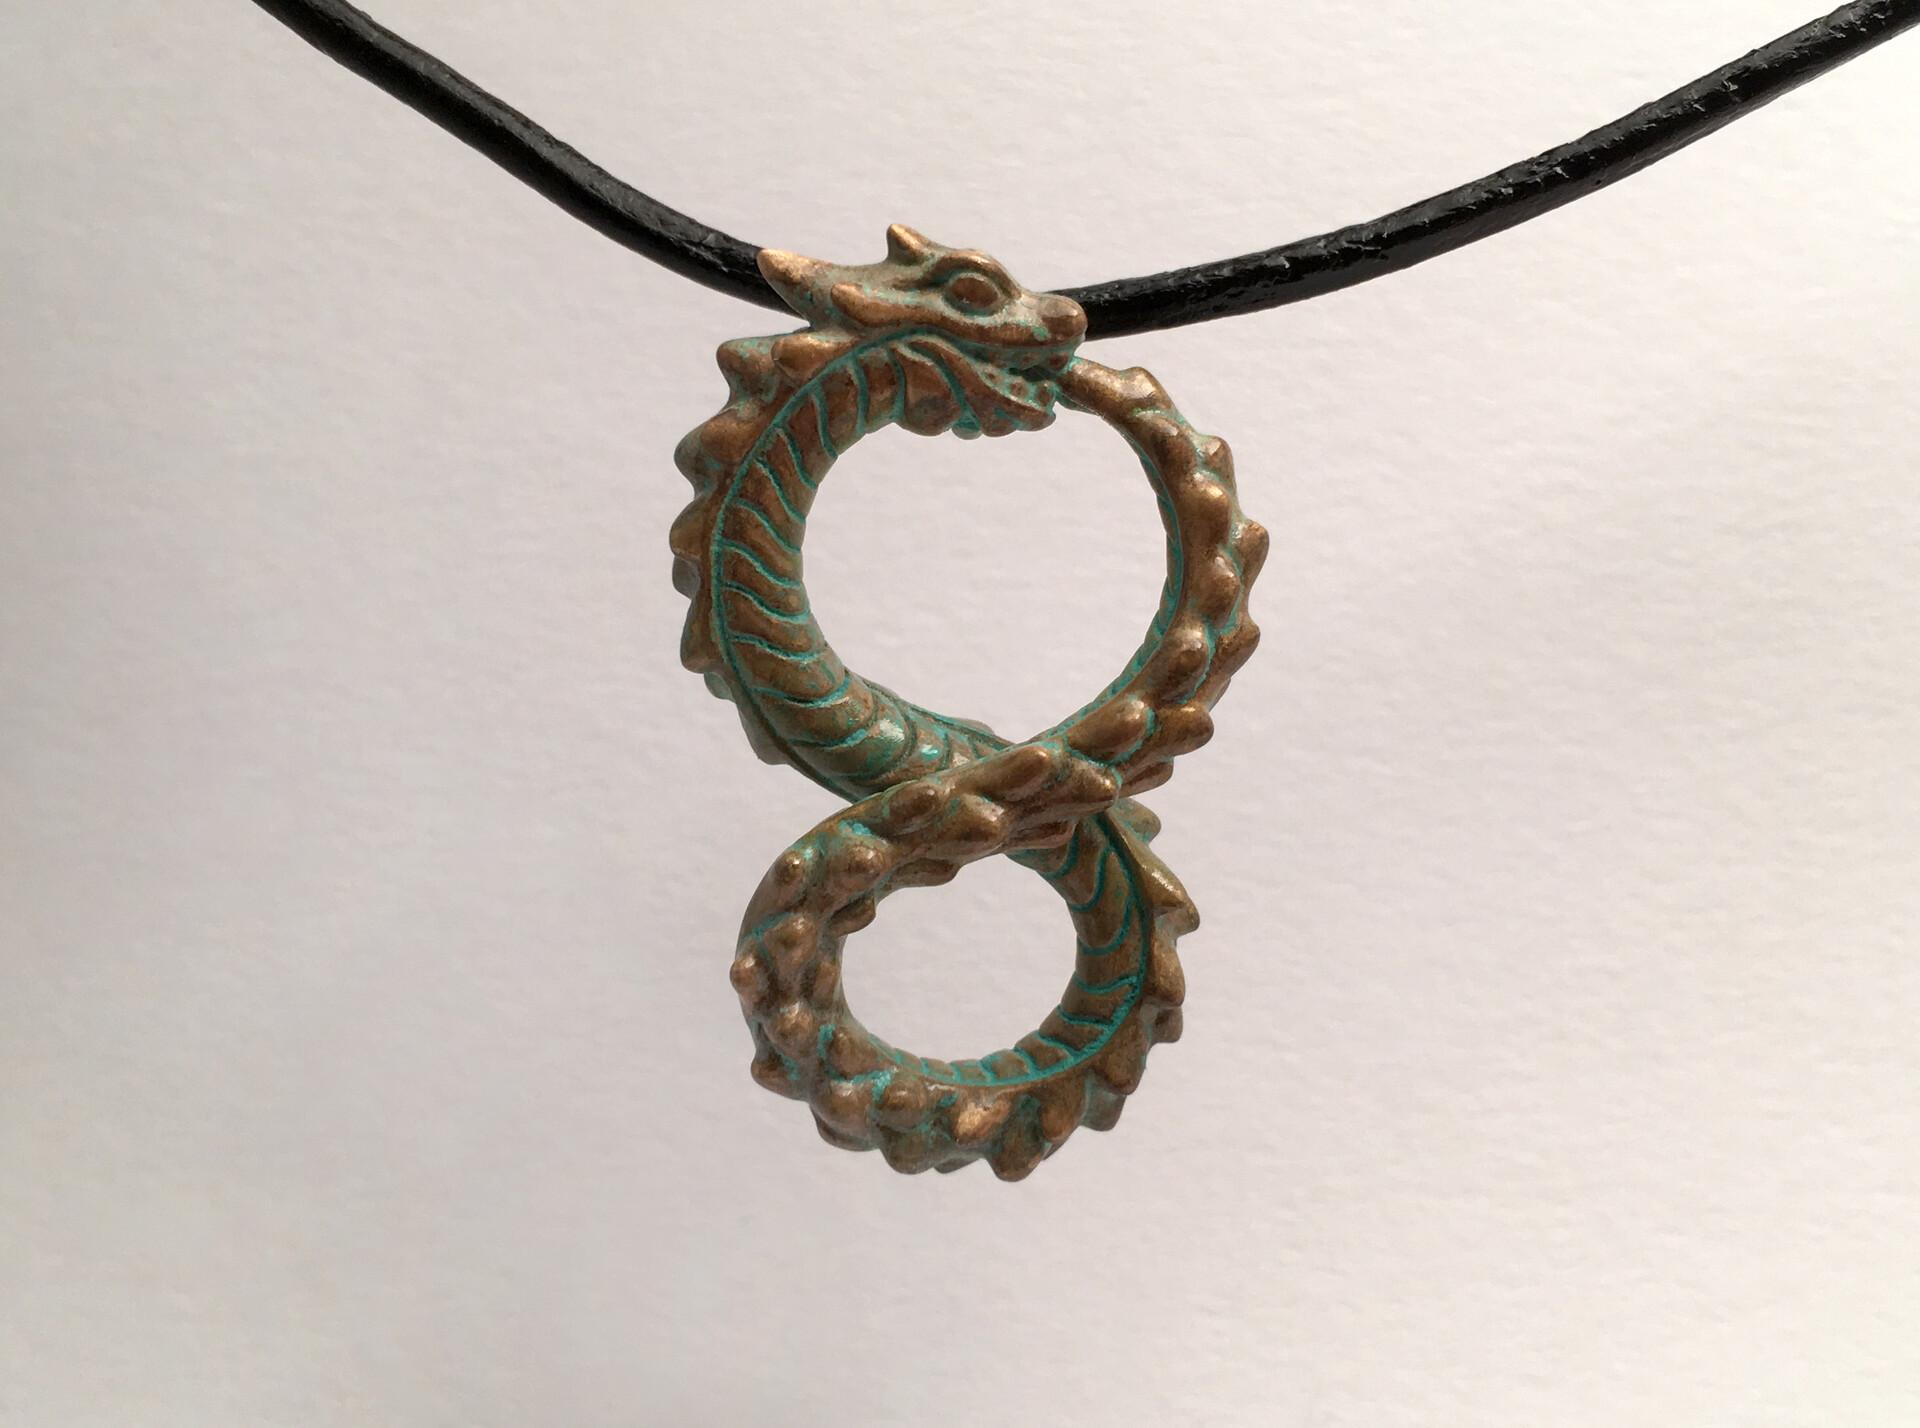 Ken calvert ouroboros ancient bronze 1